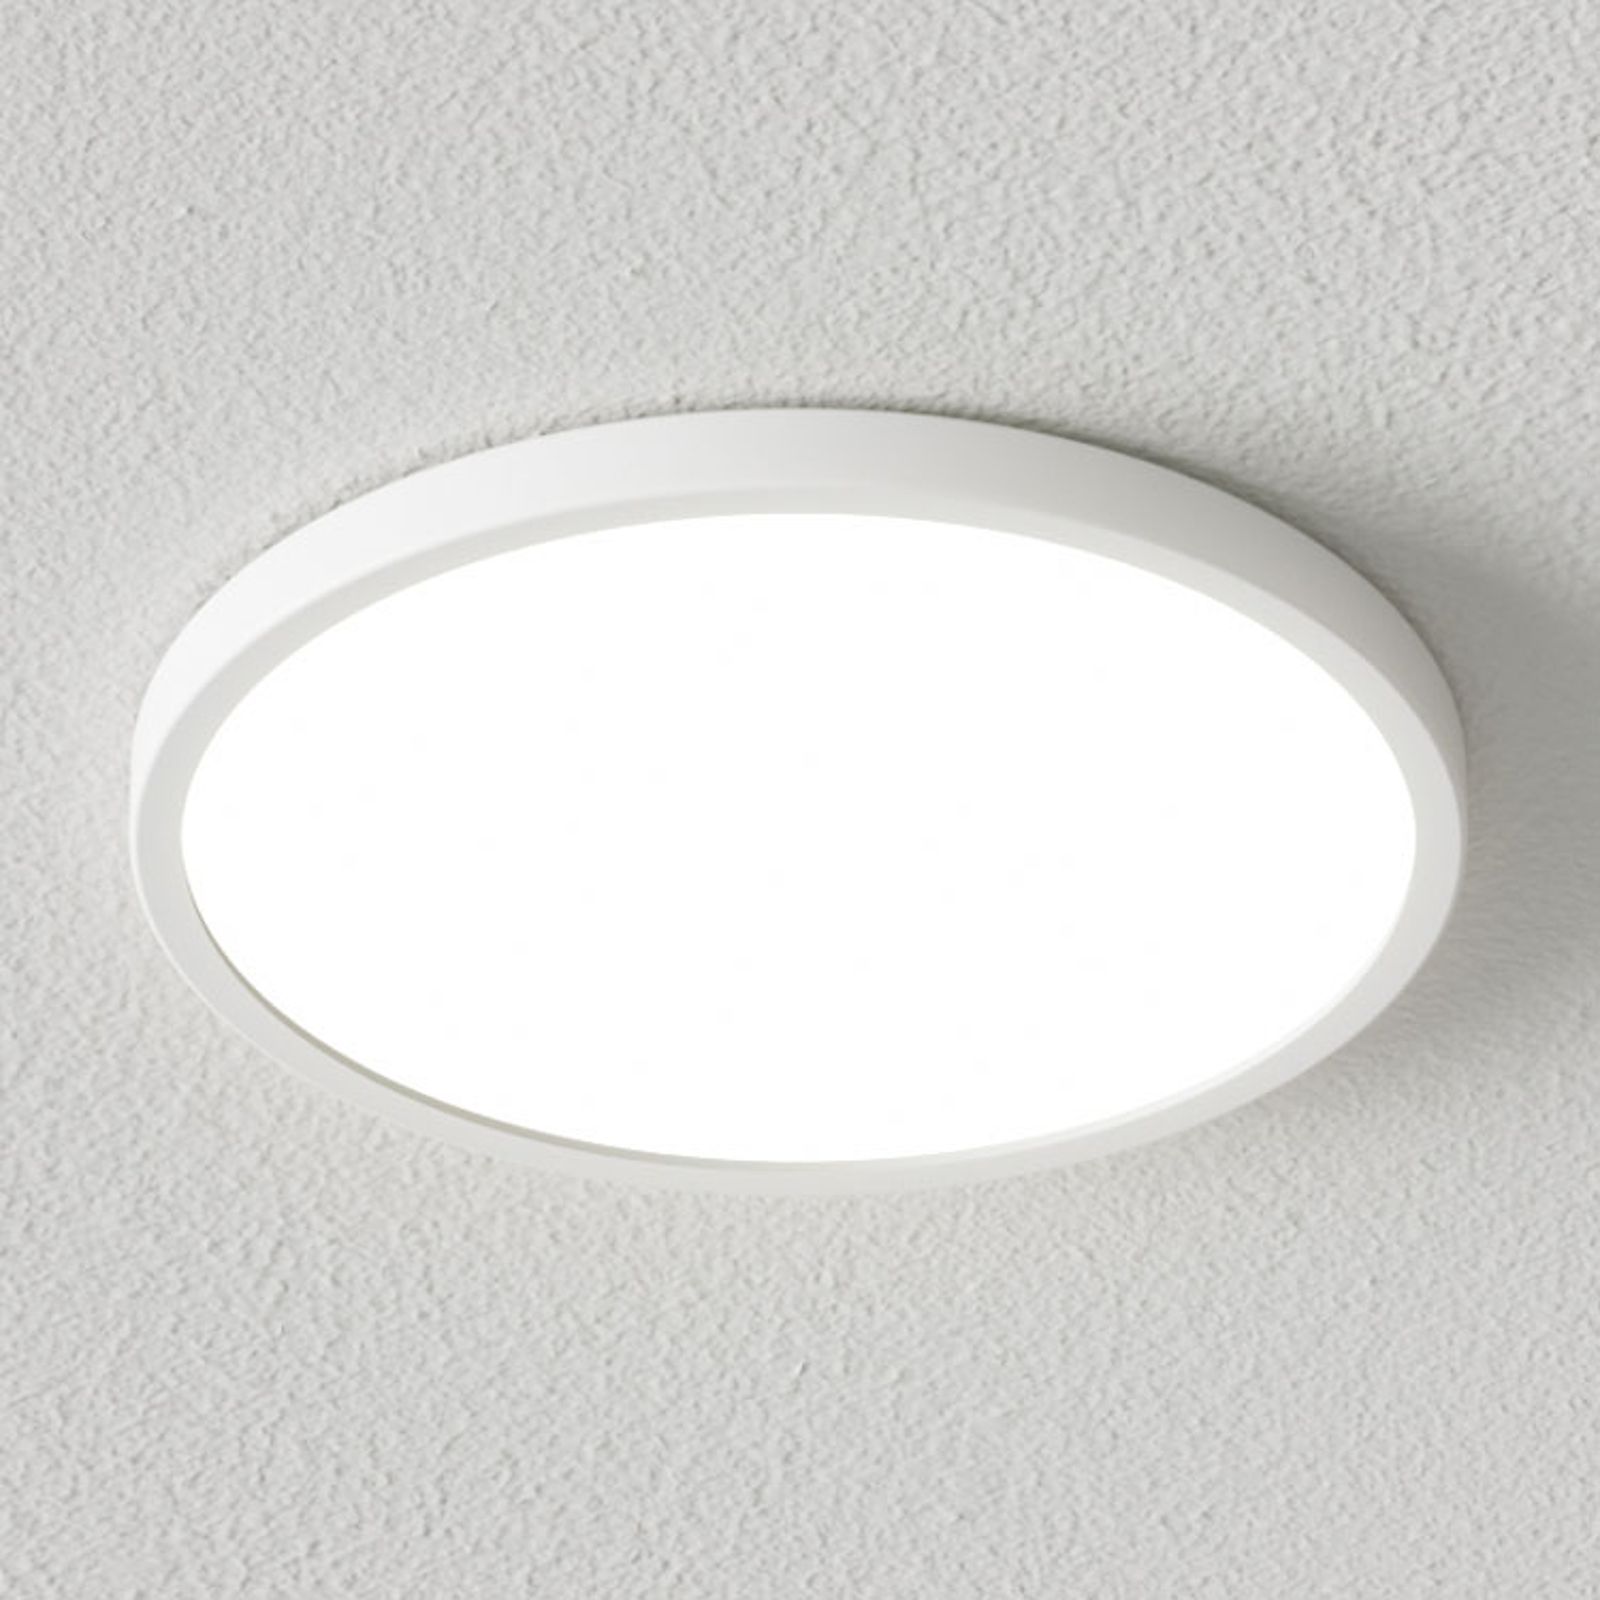 Plafonnier LED Solvie blanc, intensité variable